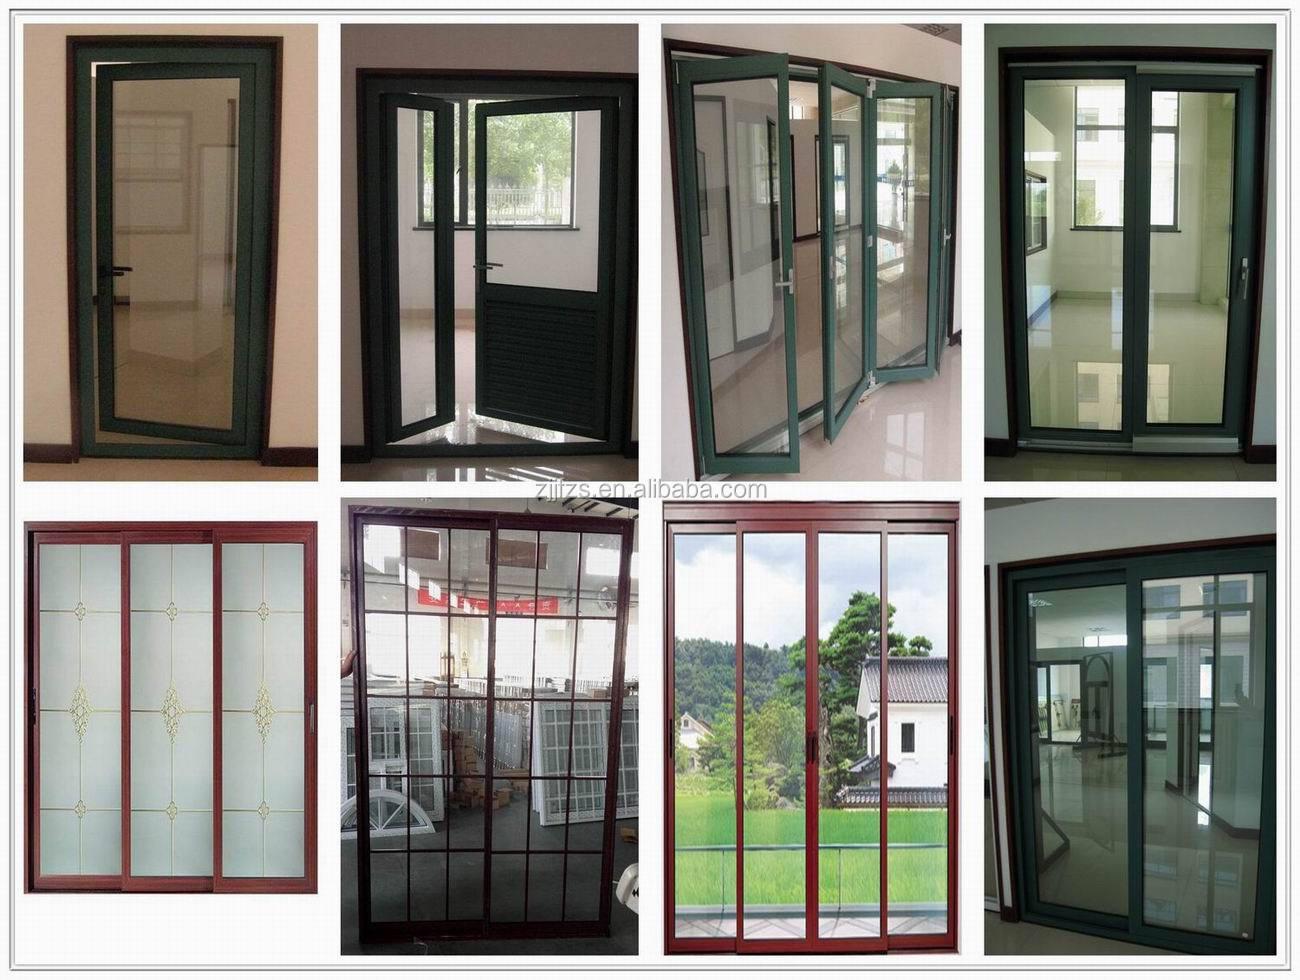 Aluminio blanco puertas residenciales puertas y ventanas for Precio correderas aluminio